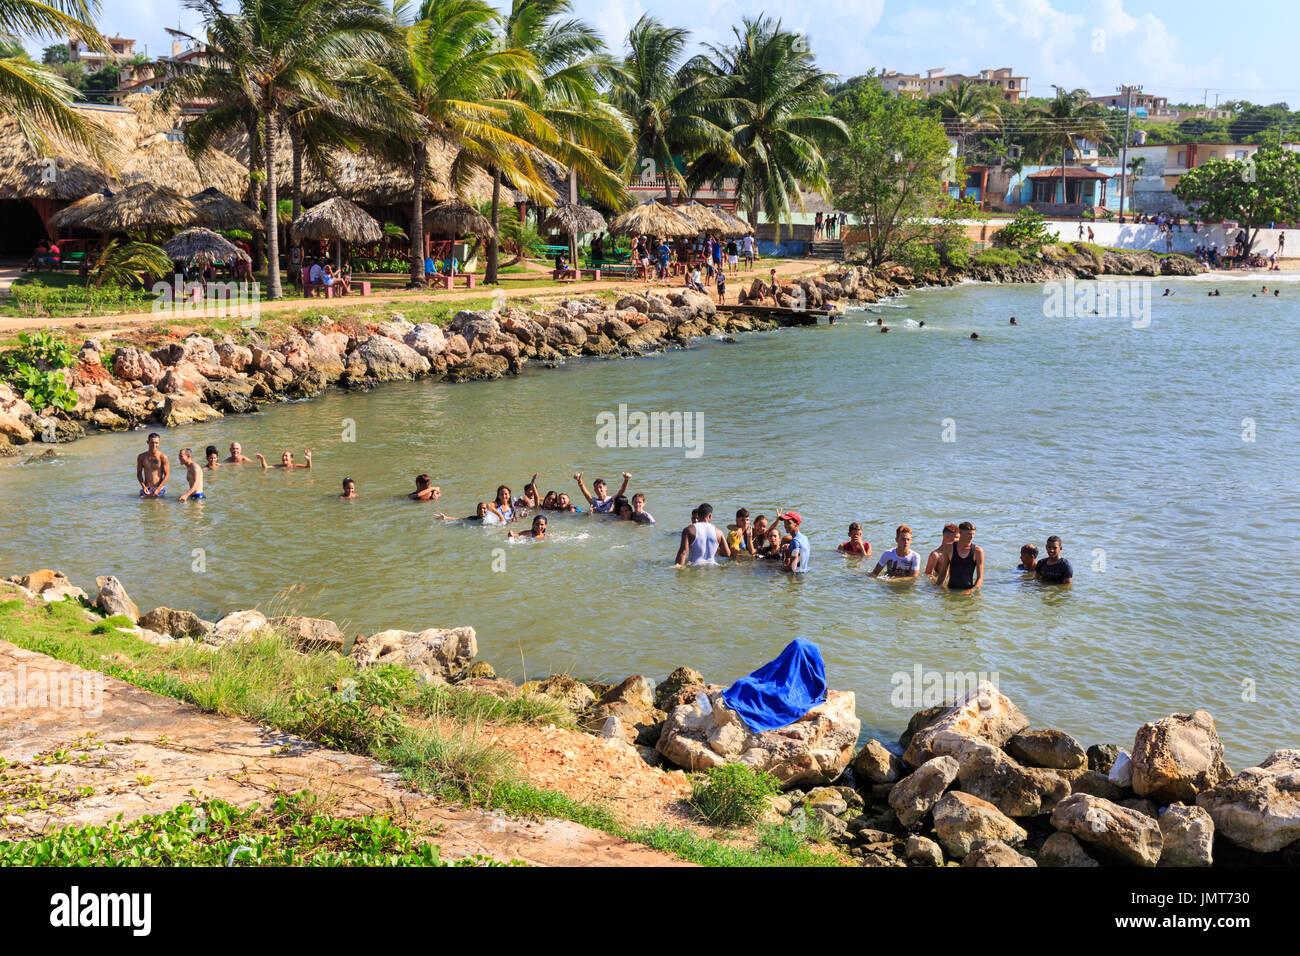 Kubaner, Baden, Menschen schwimmen und genießen ihre Freizeit am Stadtstrand von Matanzas, Kuba Stockbild